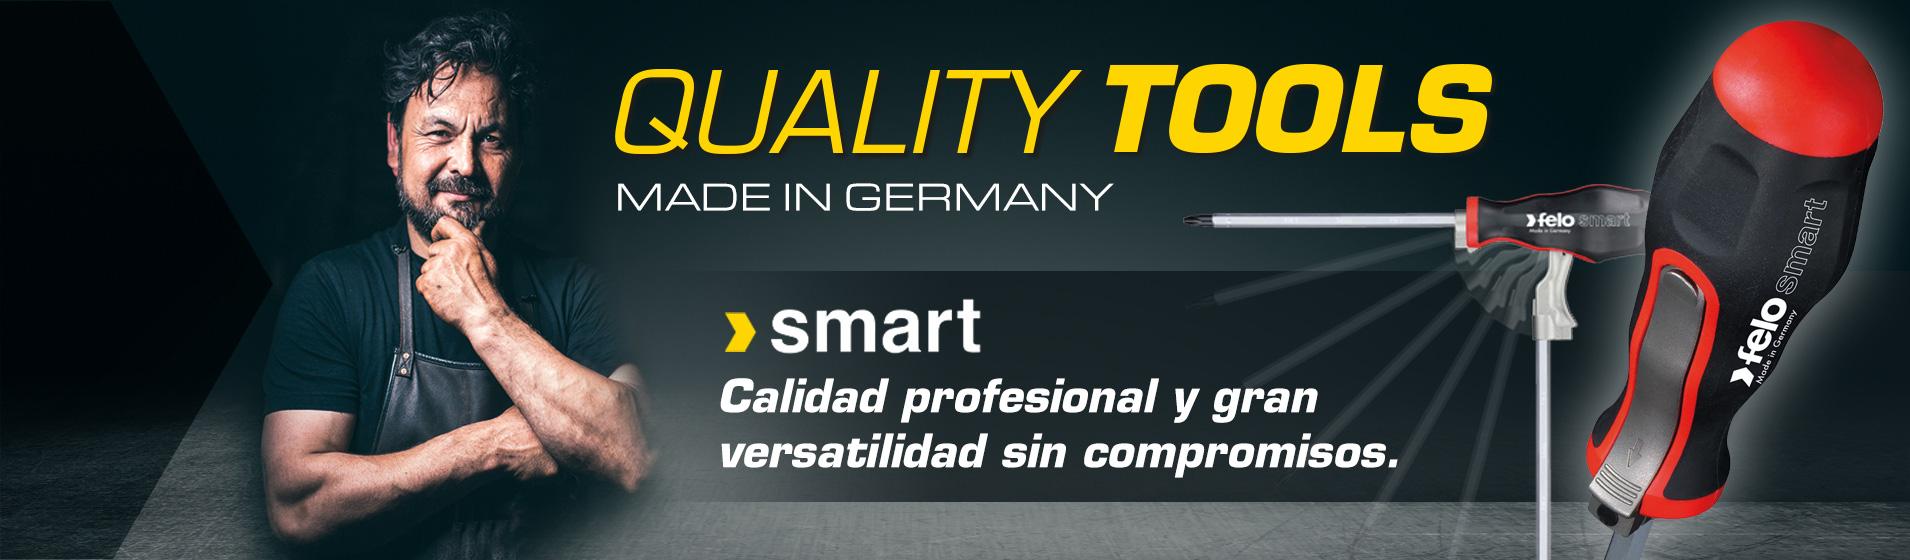 Destornilladores SMART de varilla intercambiable: calidad profesional y la mayor versatilidad sin compromisos